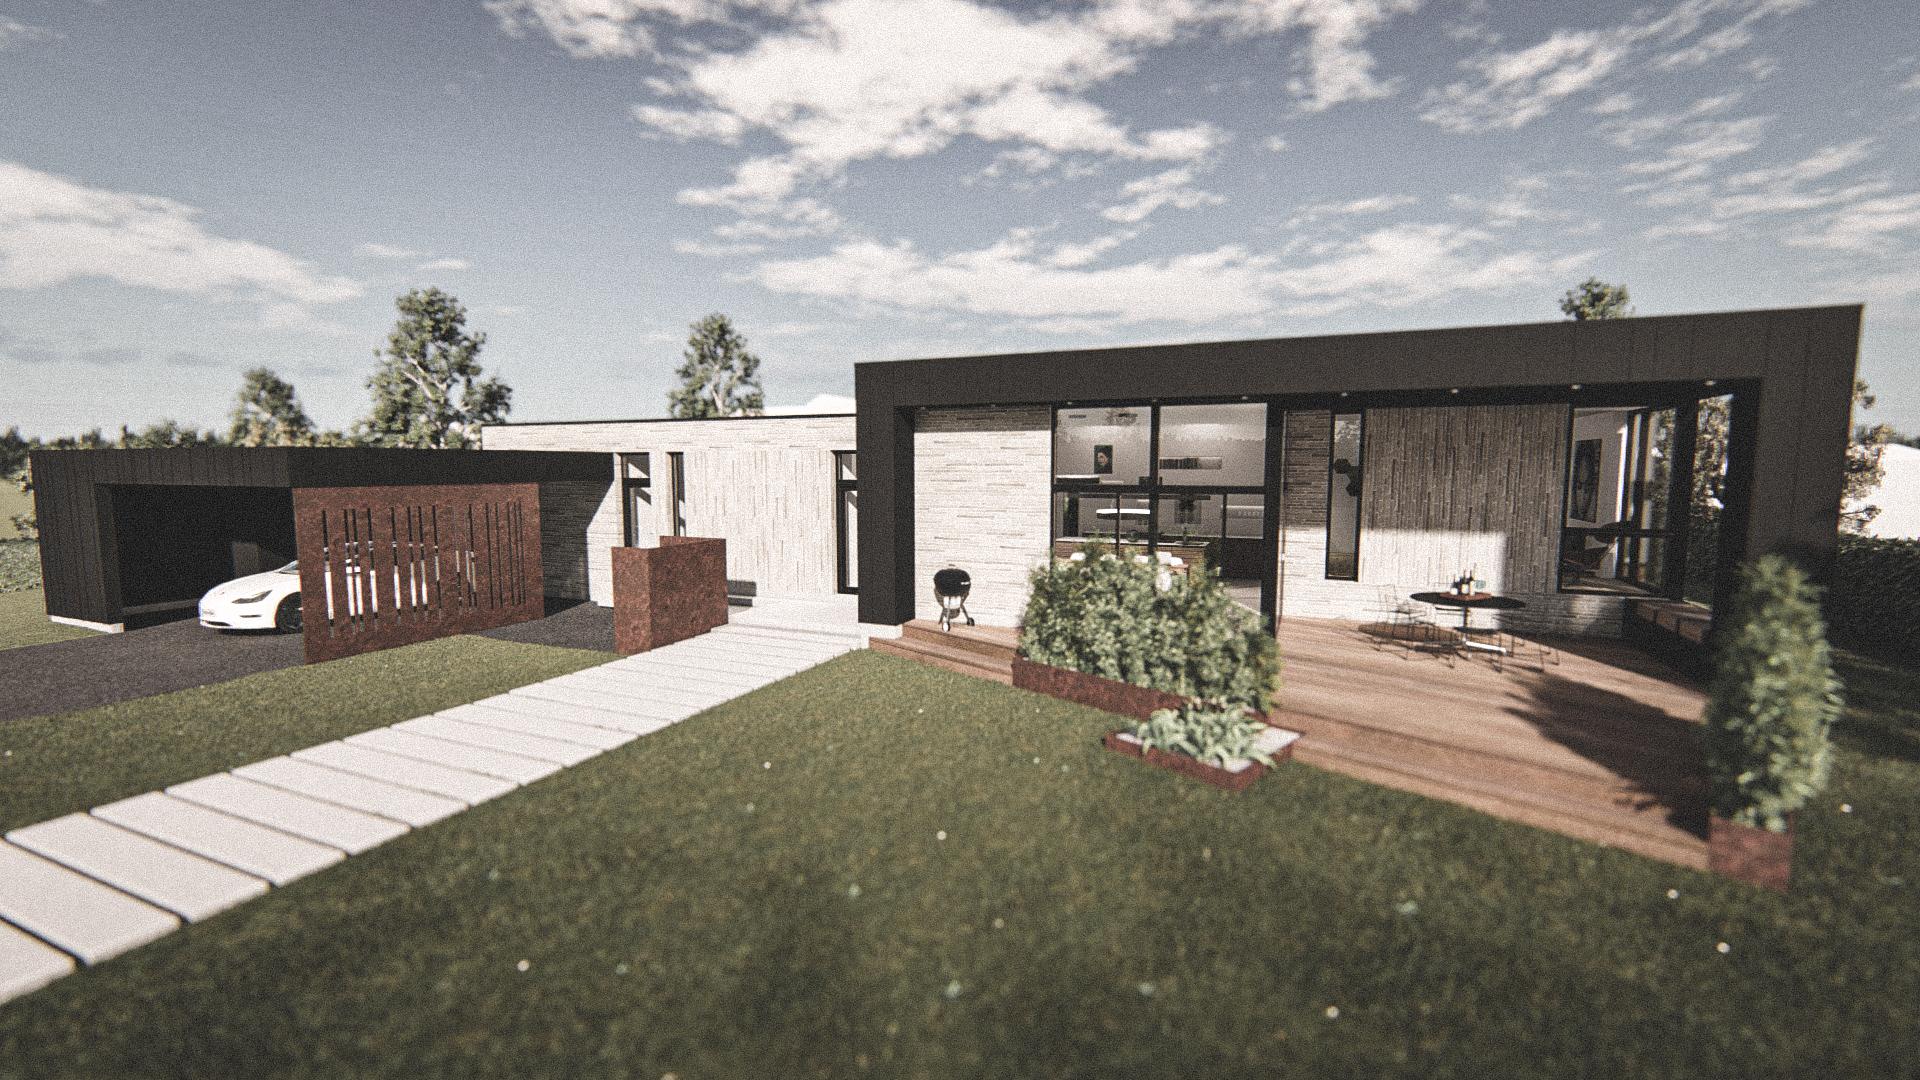 Billede af Dansk arkitekttegnet 1 plan villa af arkitektfirmaet m2plus, i Svendborg på 190 kvartratmeter.